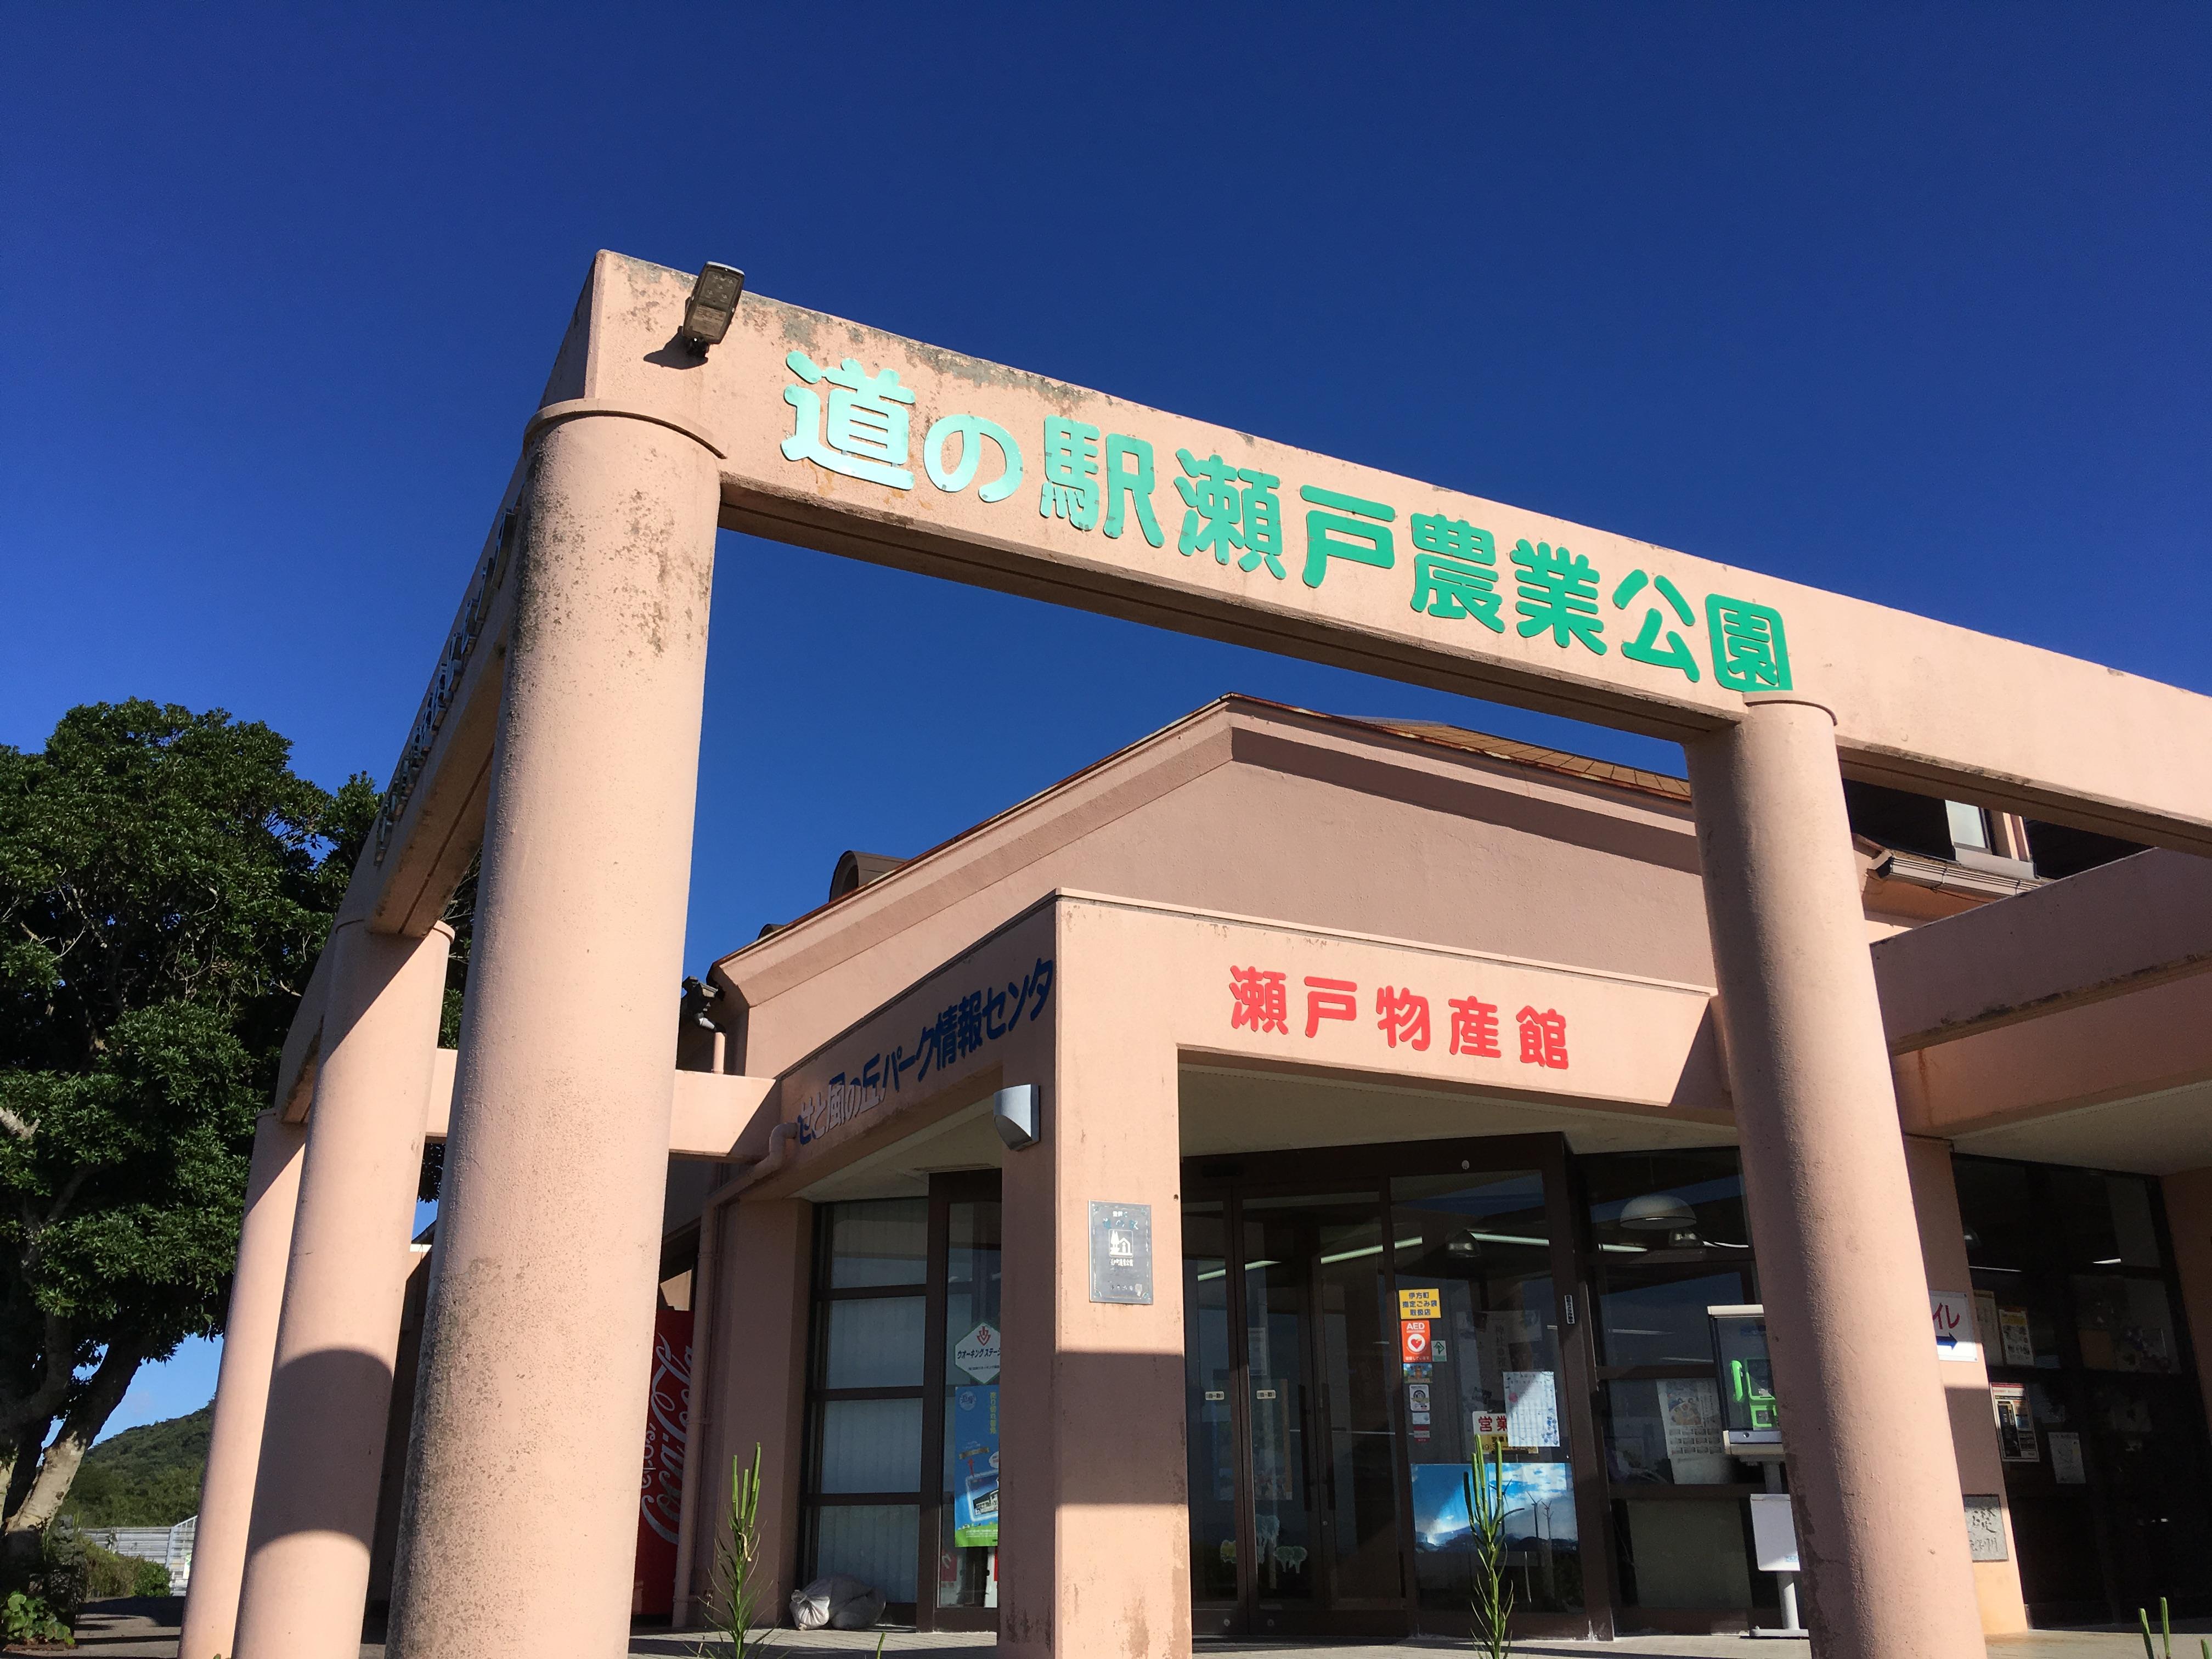 柑橘好きにおすすめ!伊方町にある「道の駅瀬戸農業公園」で「あまなつ手作りジャム」とブラッドオレンジの「橘ジュース」を買ってきました!